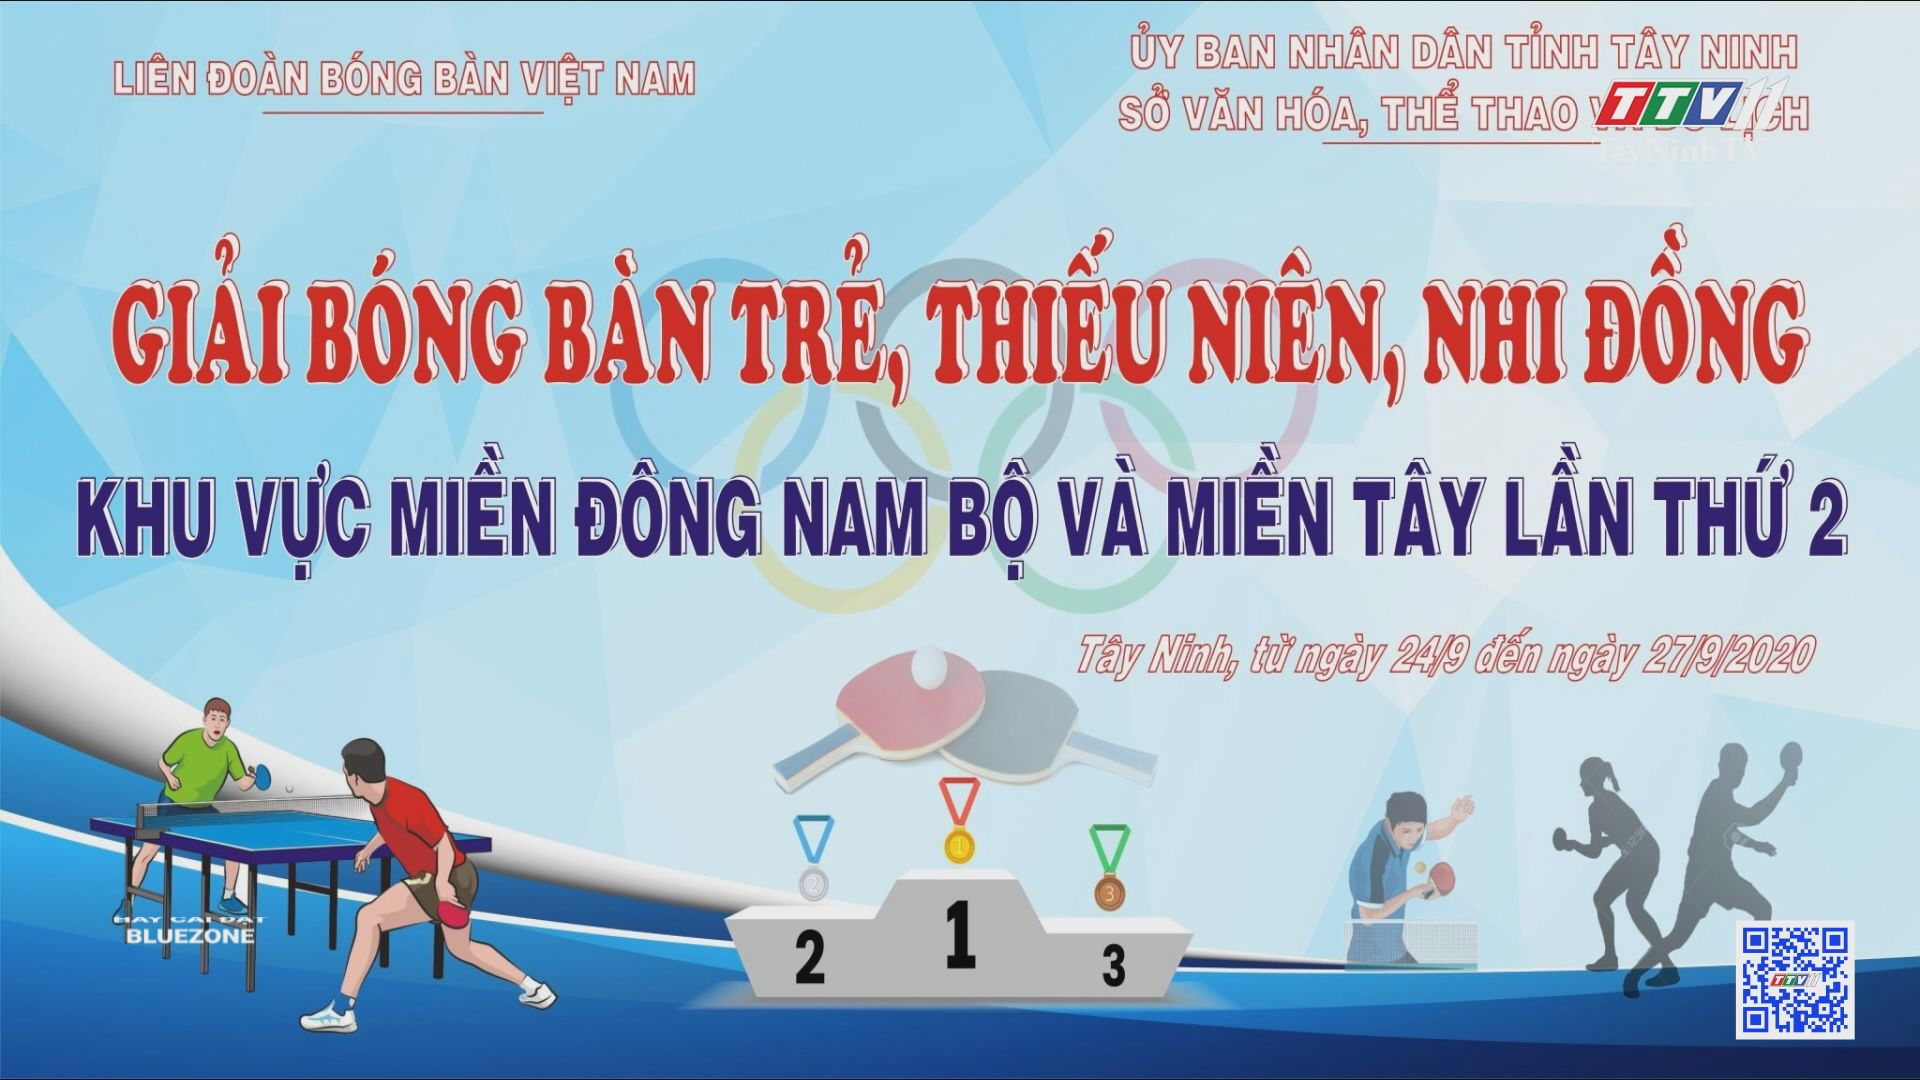 Tây Ninh sẽ tổ chức giải bóng bàn trẻ, thiếu niên, nhi đồng khu vực miền Đông Nam Bộ và miền Tây Nam Bộ lần thứ 2 | BẢN TIN THỂ THAO | TayNinhTV